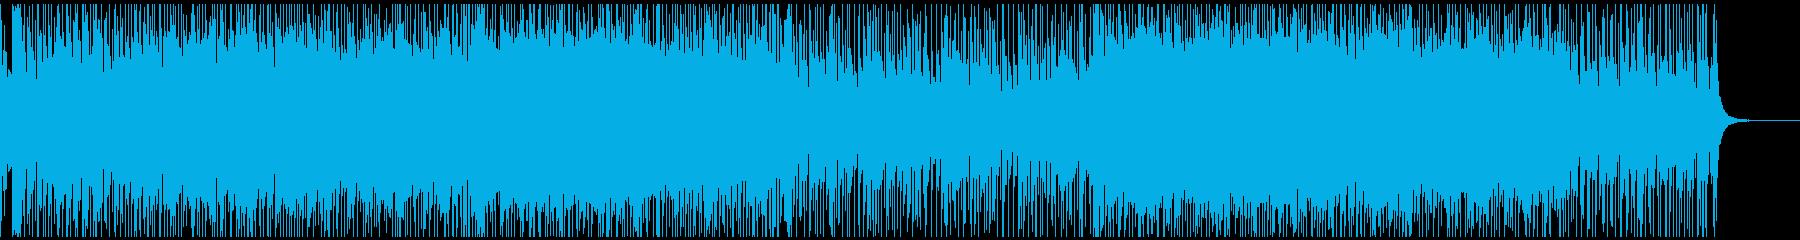 津軽三味線メインの6/8の和風ロックの再生済みの波形